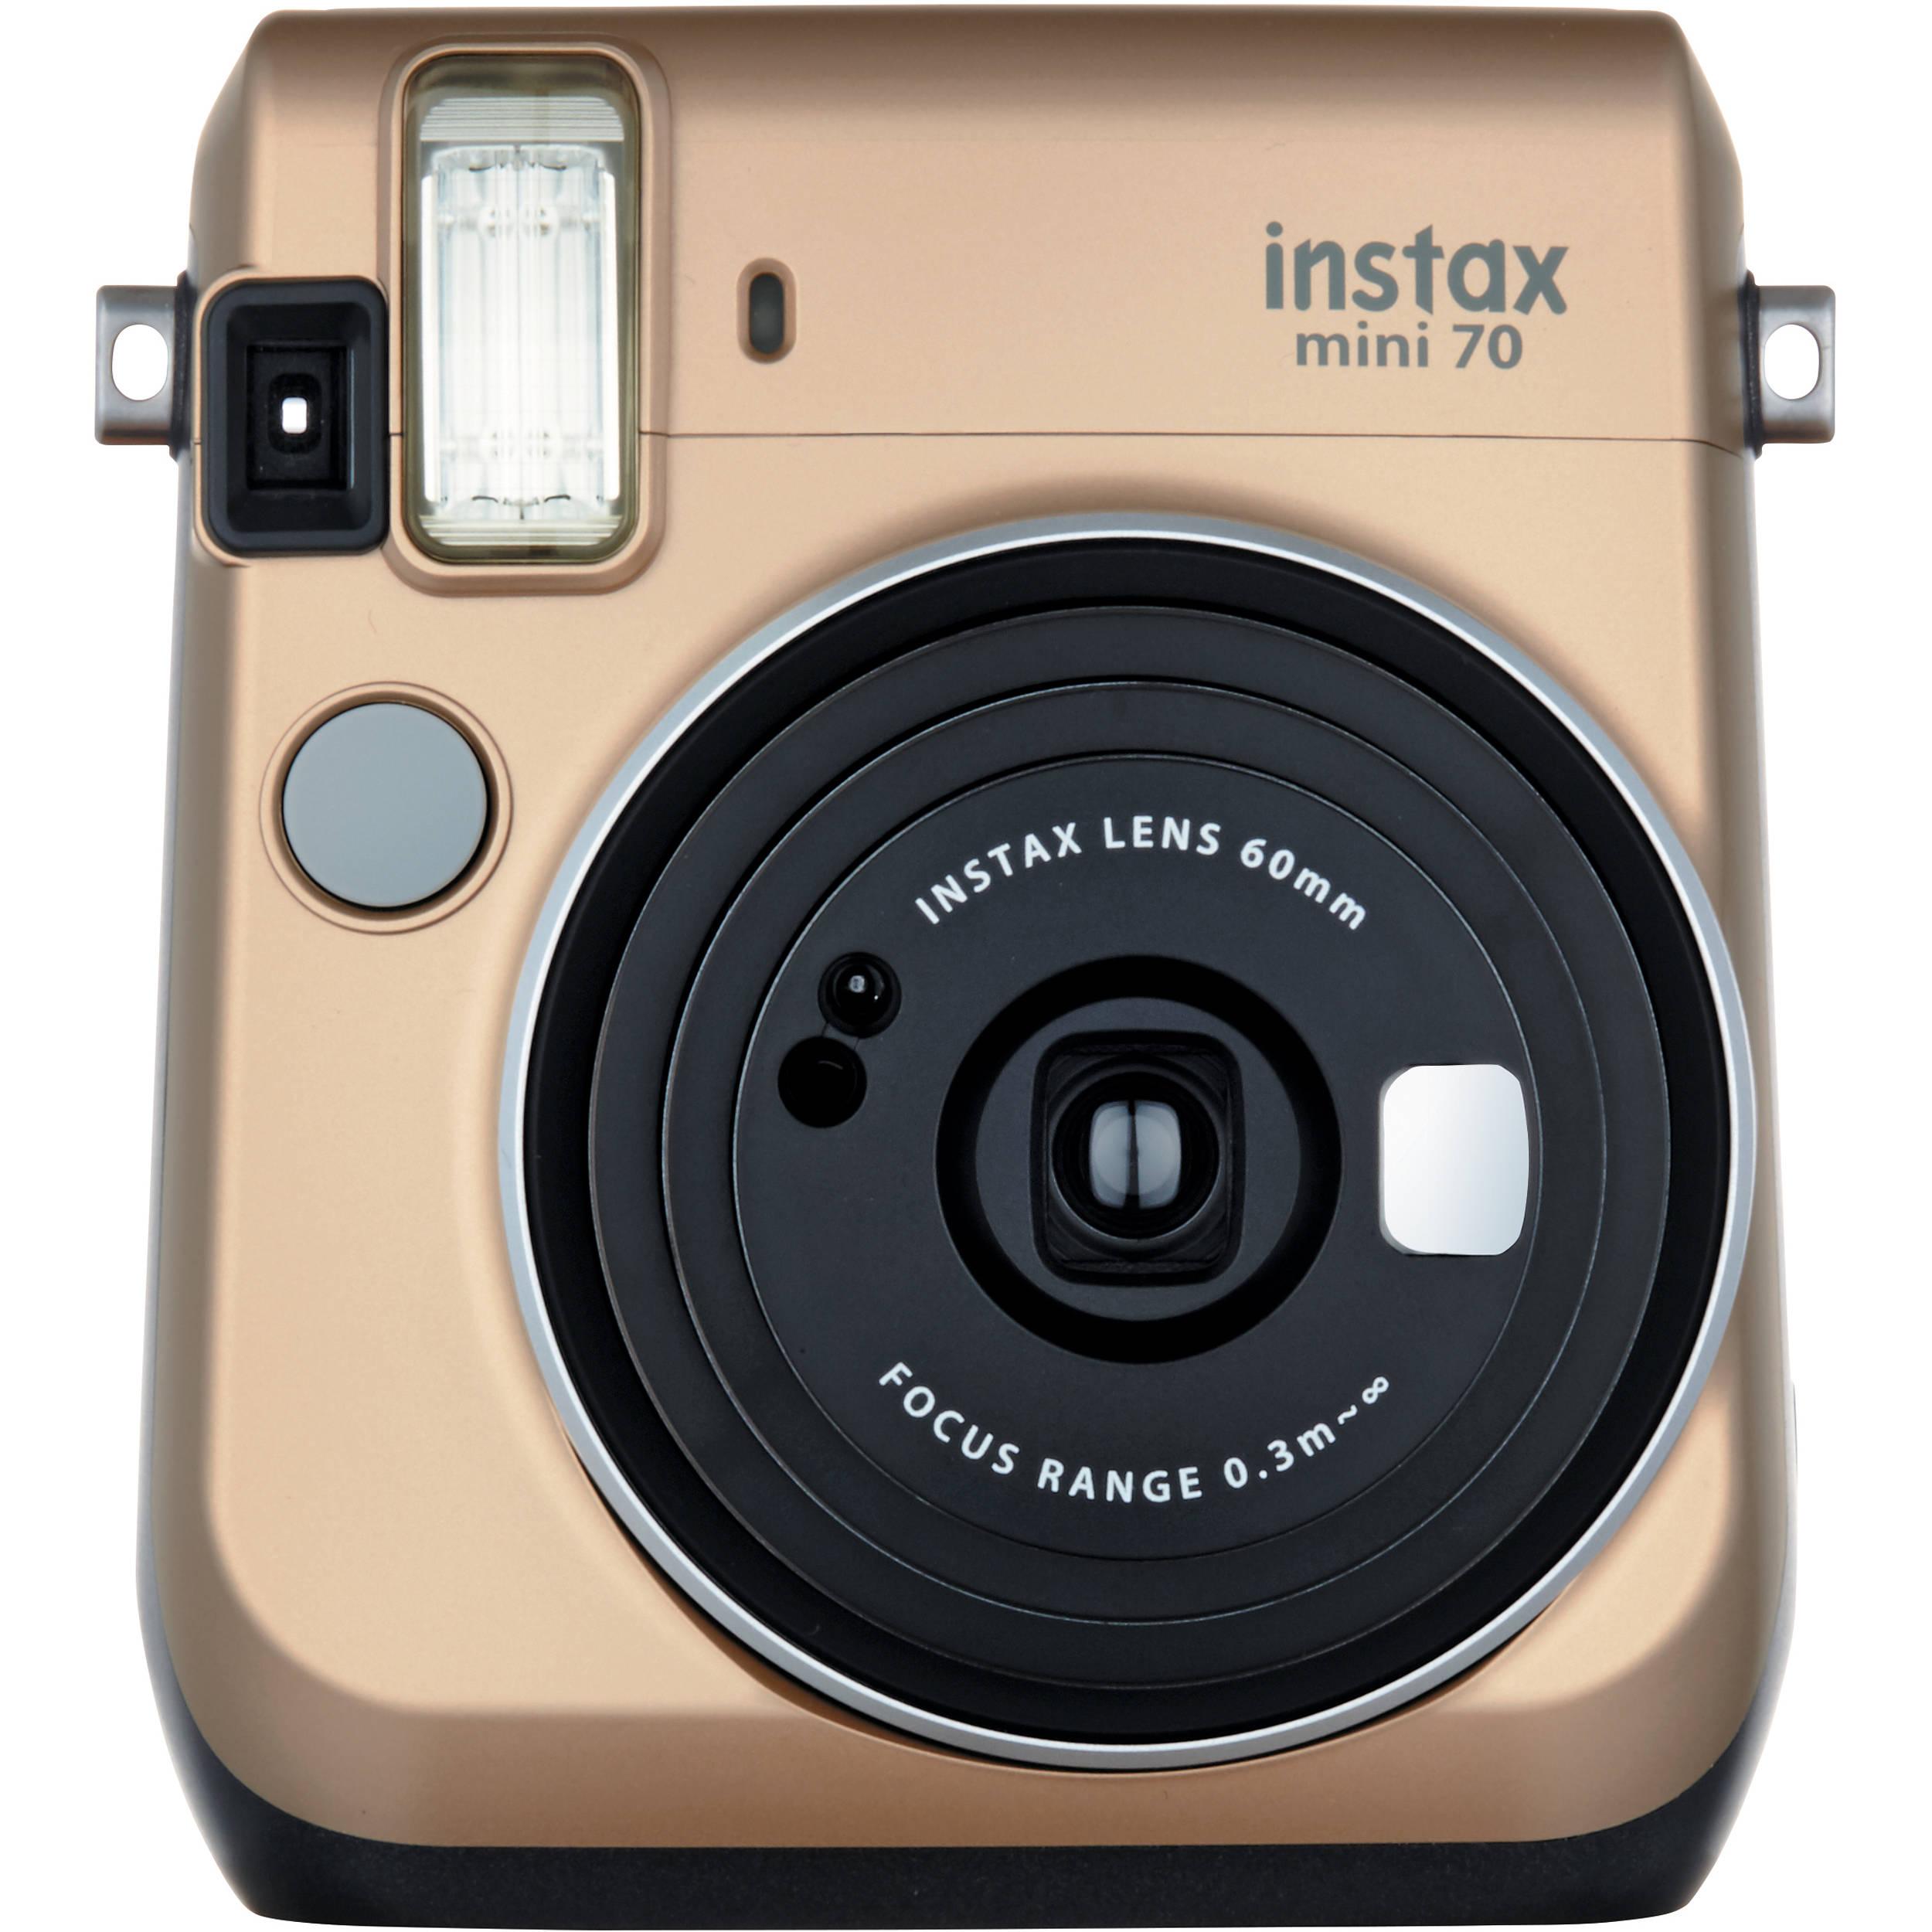 Fujifilm Instax Mini 70 Instant Camera | Instax mini 70